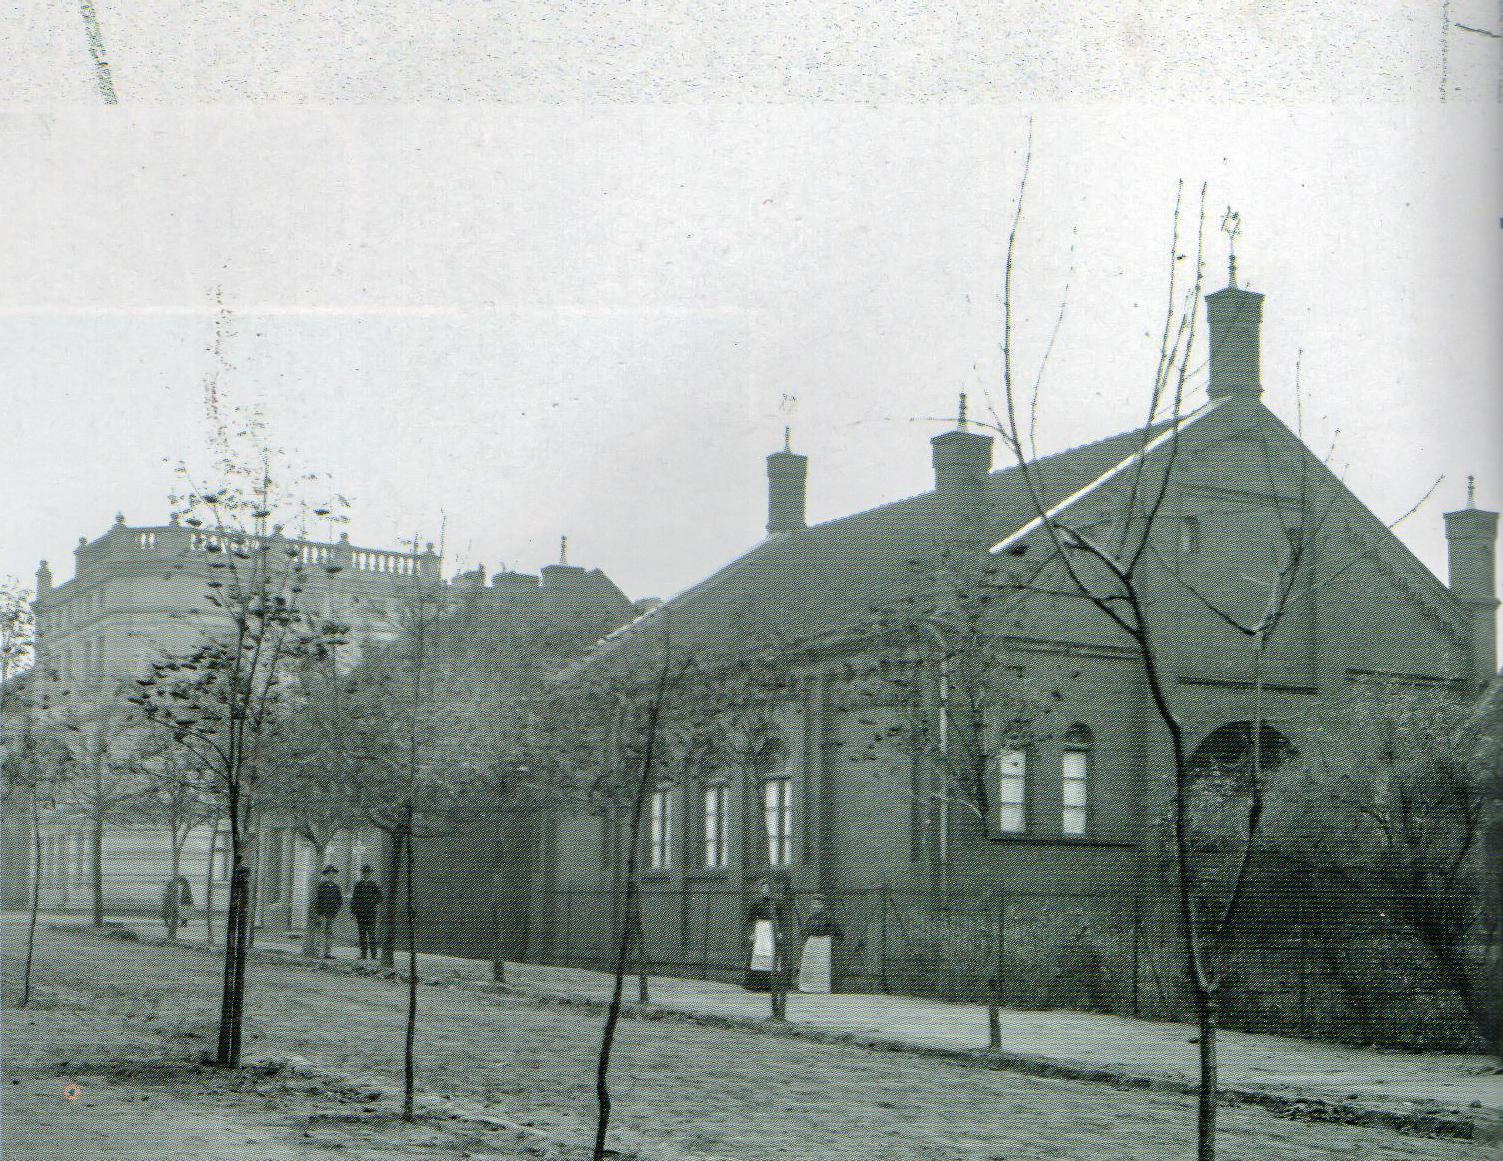 Synagoga giżycka (Synagoga), Giżycko - 1910 rok, stare zdjęcia